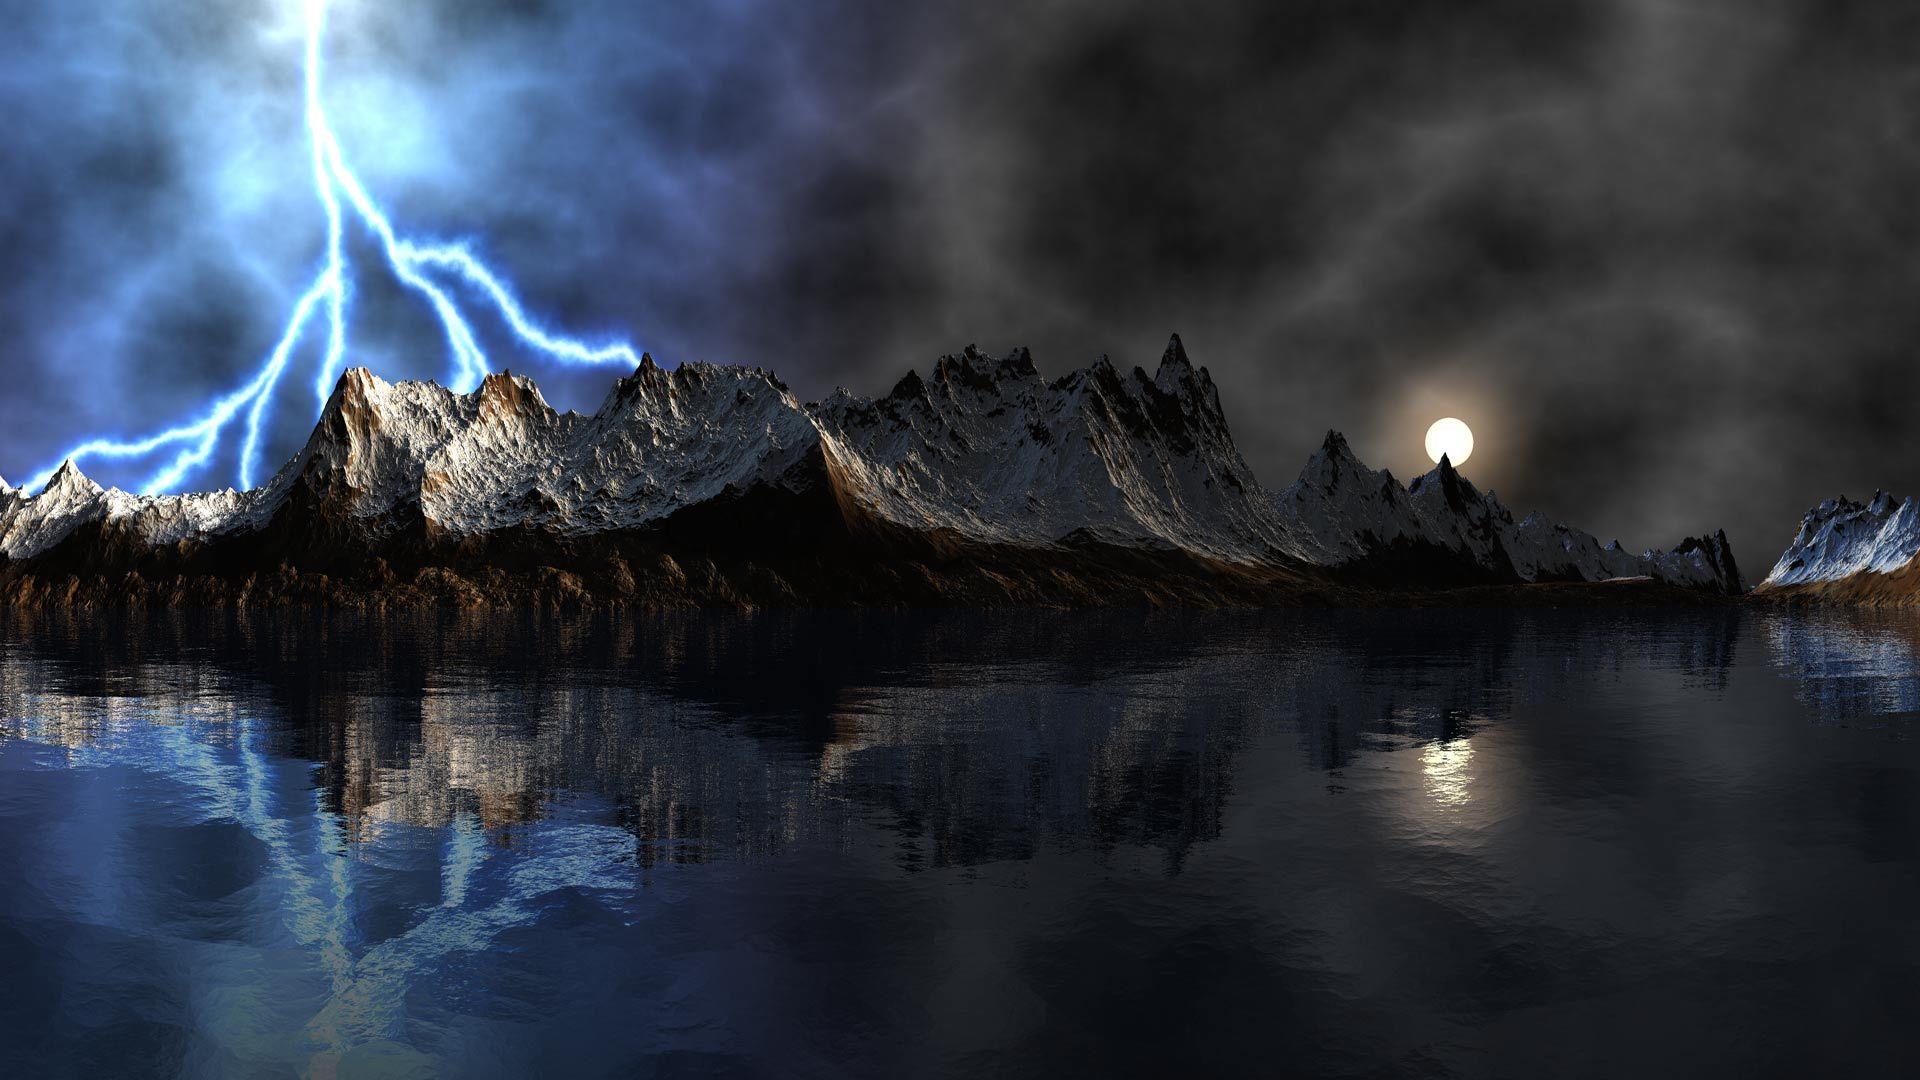 Скачать картинку Горы, Пейзаж, Молнии, Озера в телефон бесплатно.